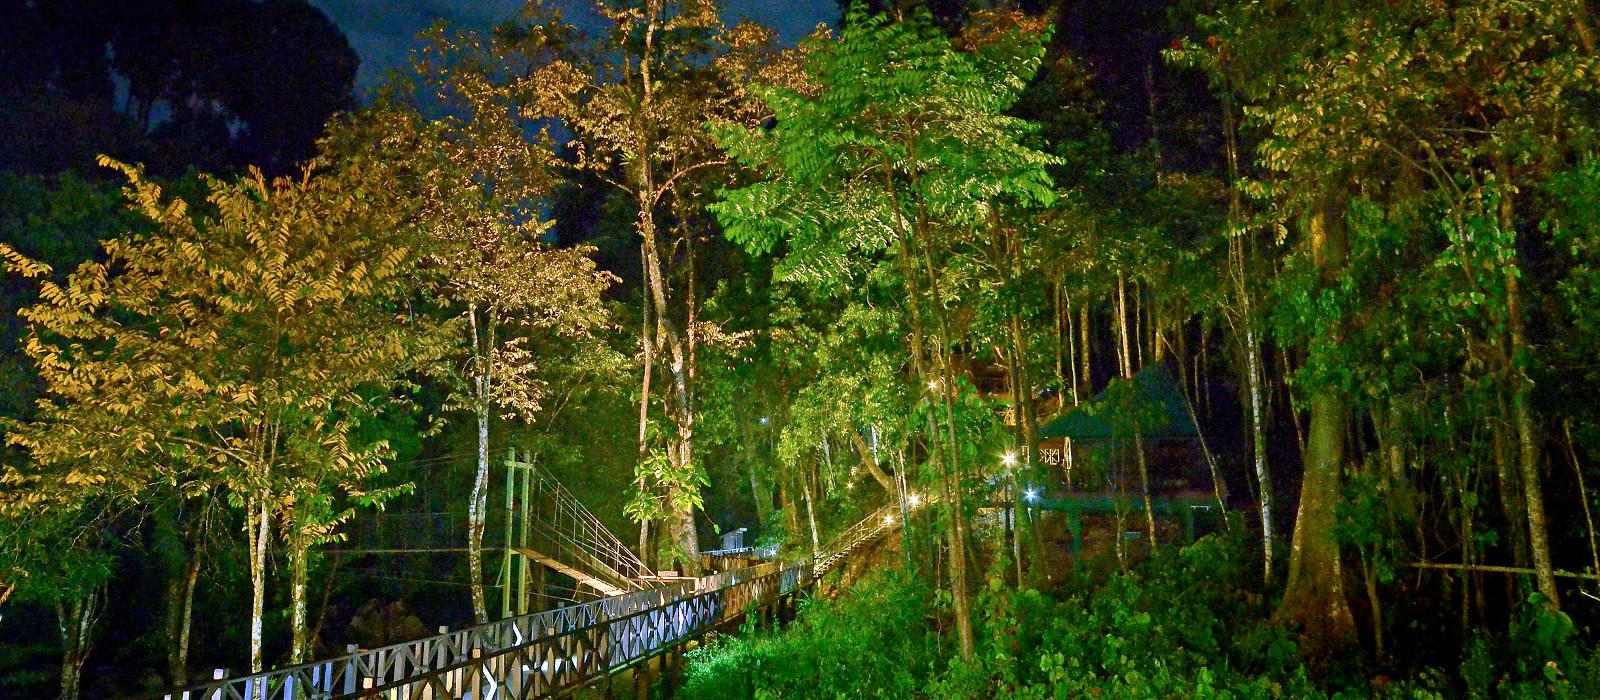 Reiseziel Tabin Wildlife Reserve Malaysia